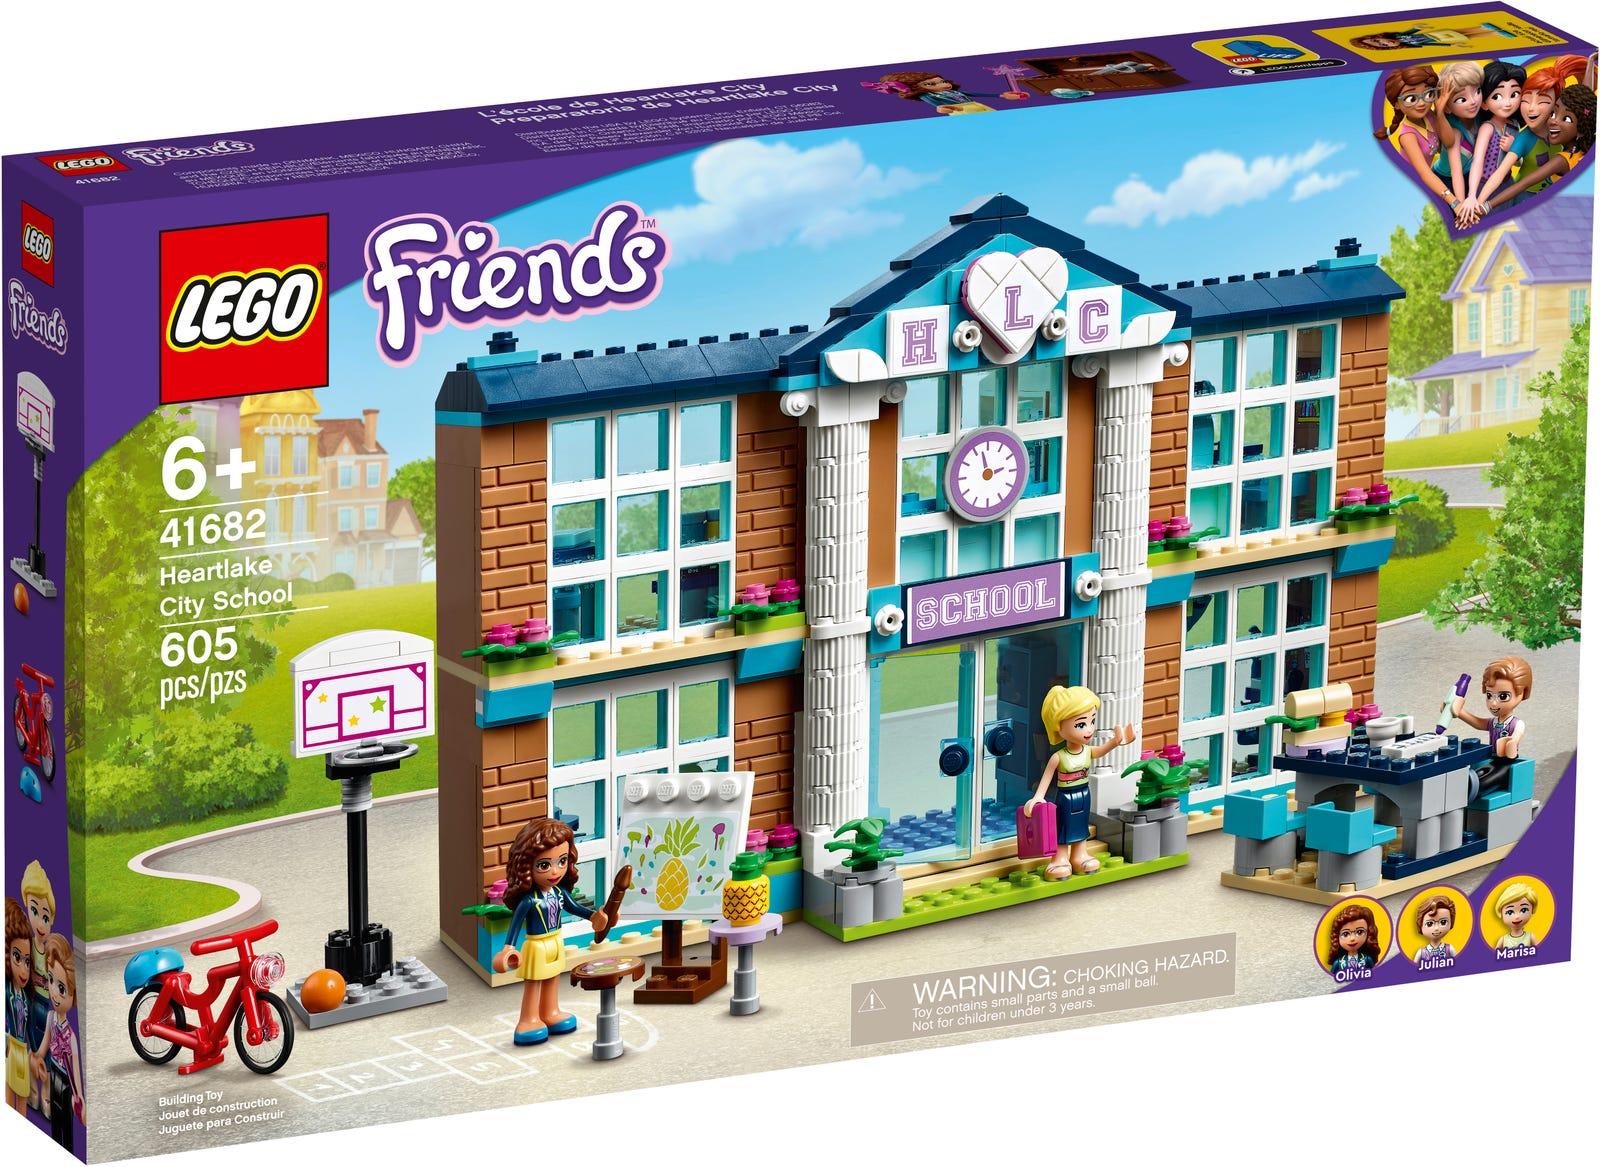 LEGO FRIENDS SCUOLA DI HEARTLAKE CITY 41682